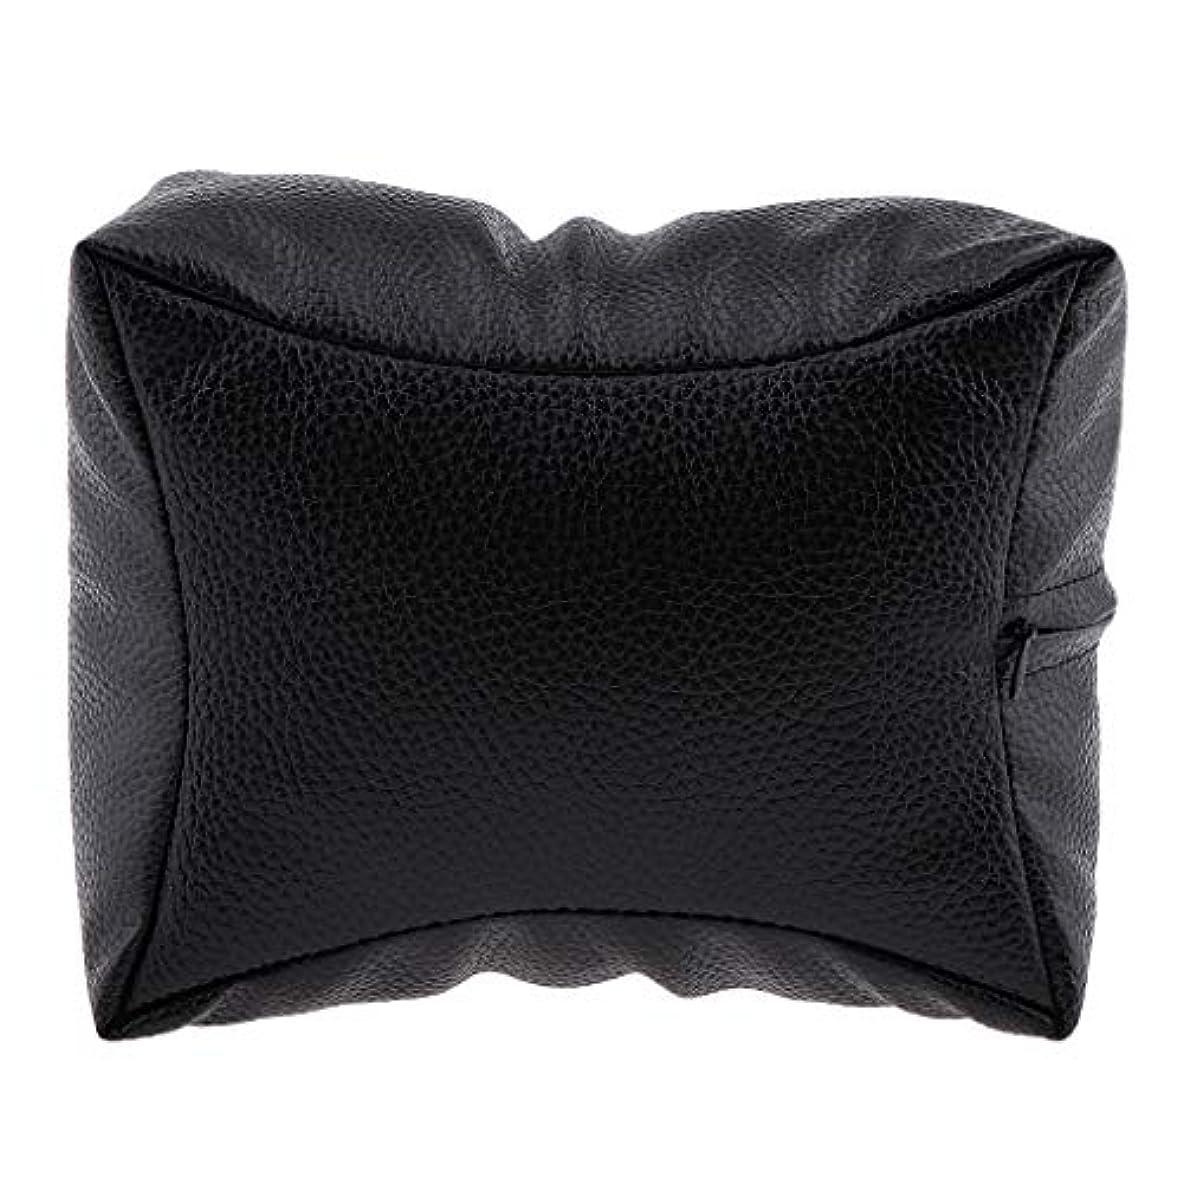 酔った任命する安全性P Prettyia ネイルハンドピロー プロ ネイルサロン 手枕 レストピロー ネイルケア 4色選べ - ブラック